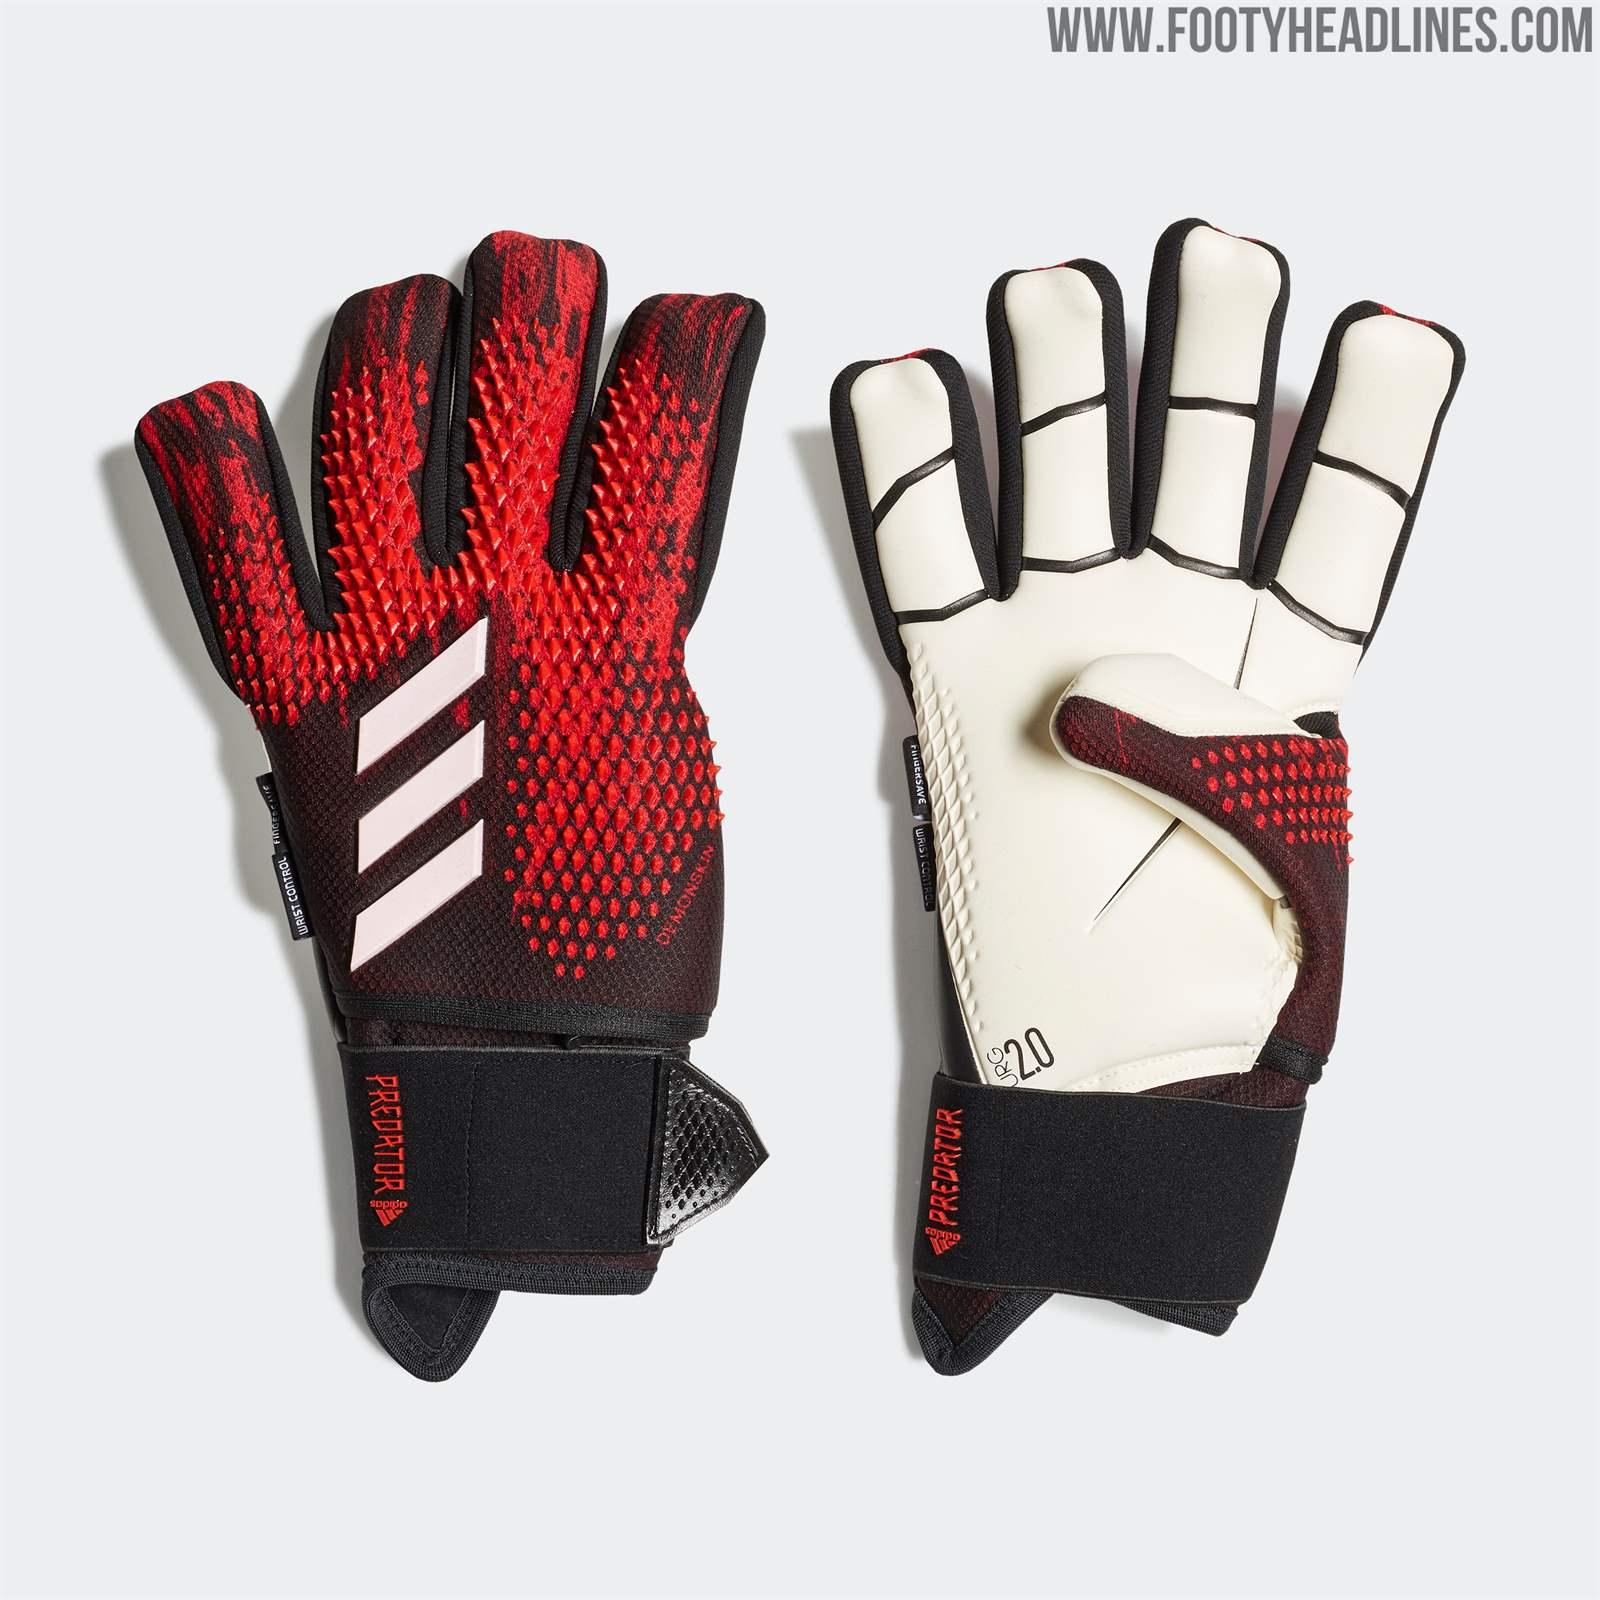 Predator 20 Ultimate Pro Gloves